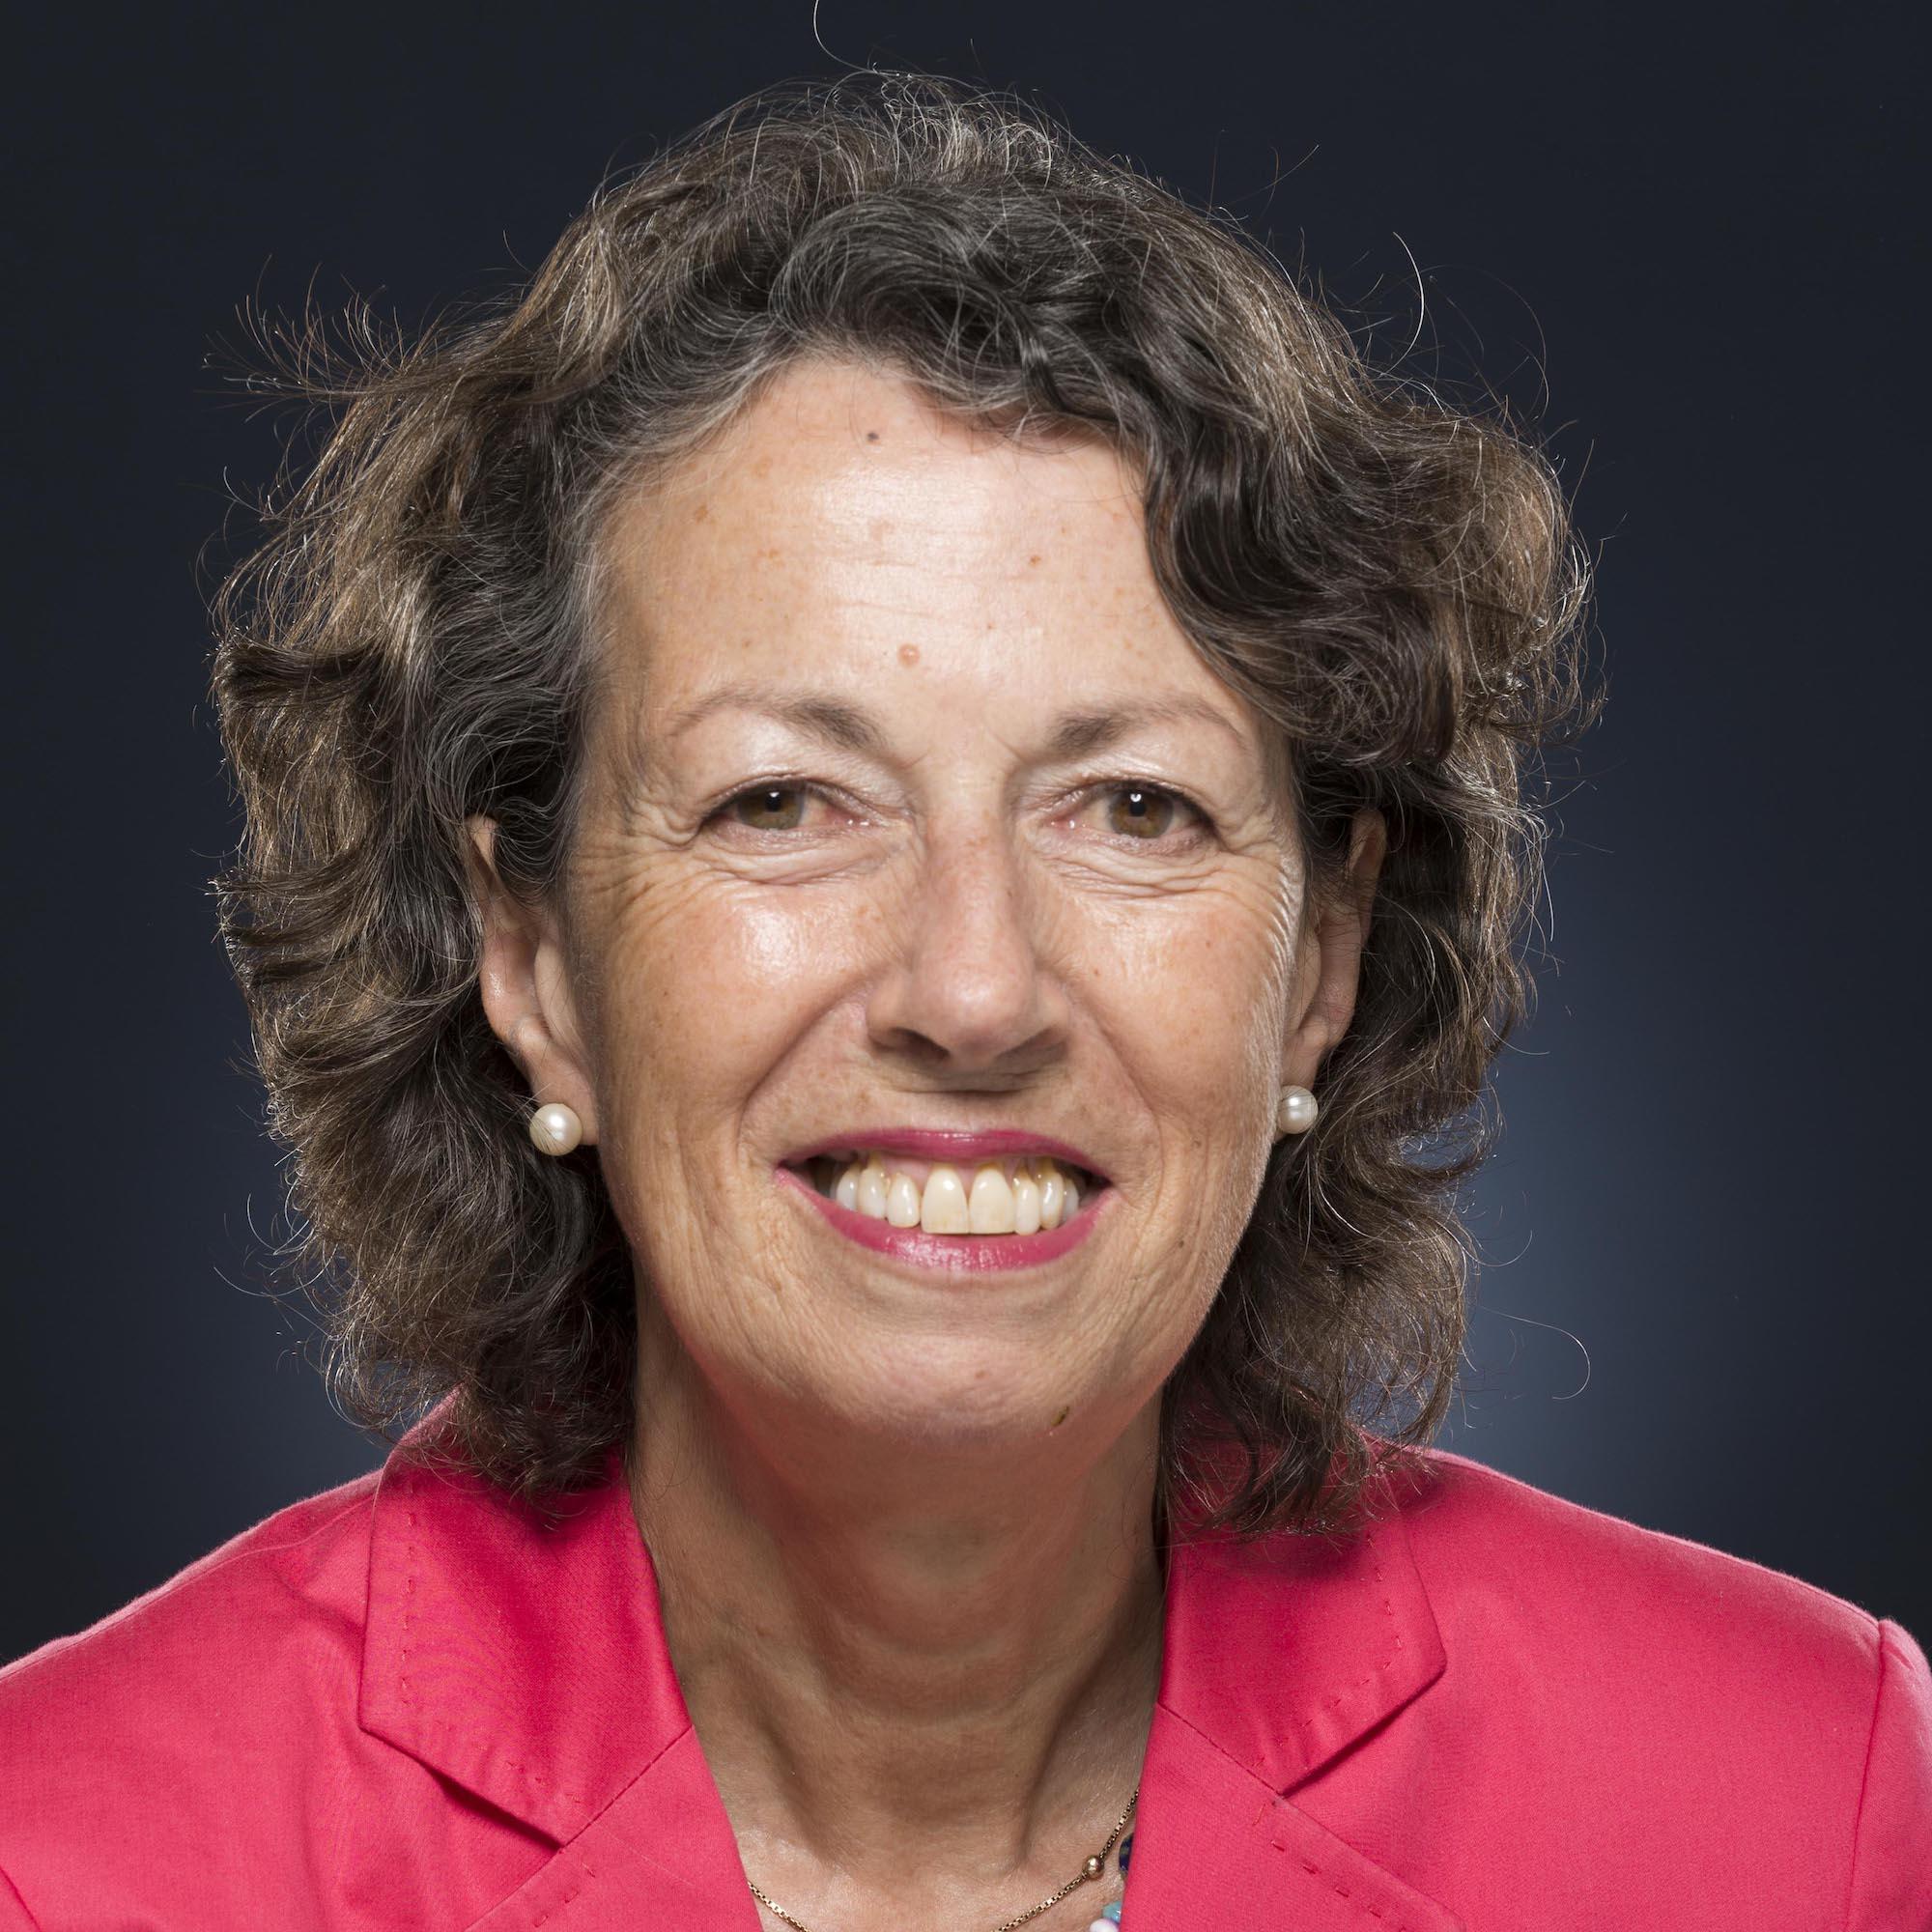 Caroline Y. Robertson-von Trotha